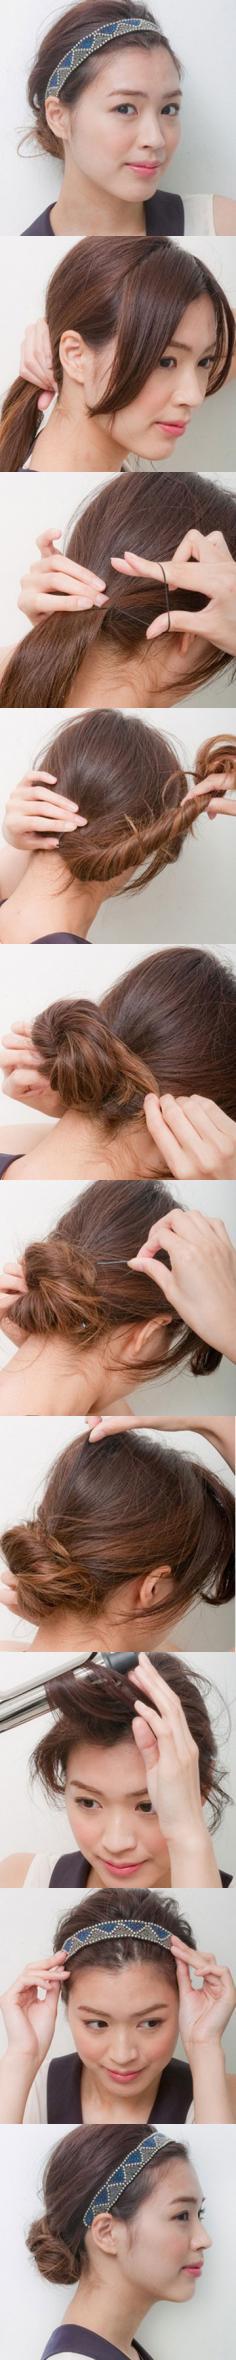 简单丸子头盘发图解 减龄增高速成术